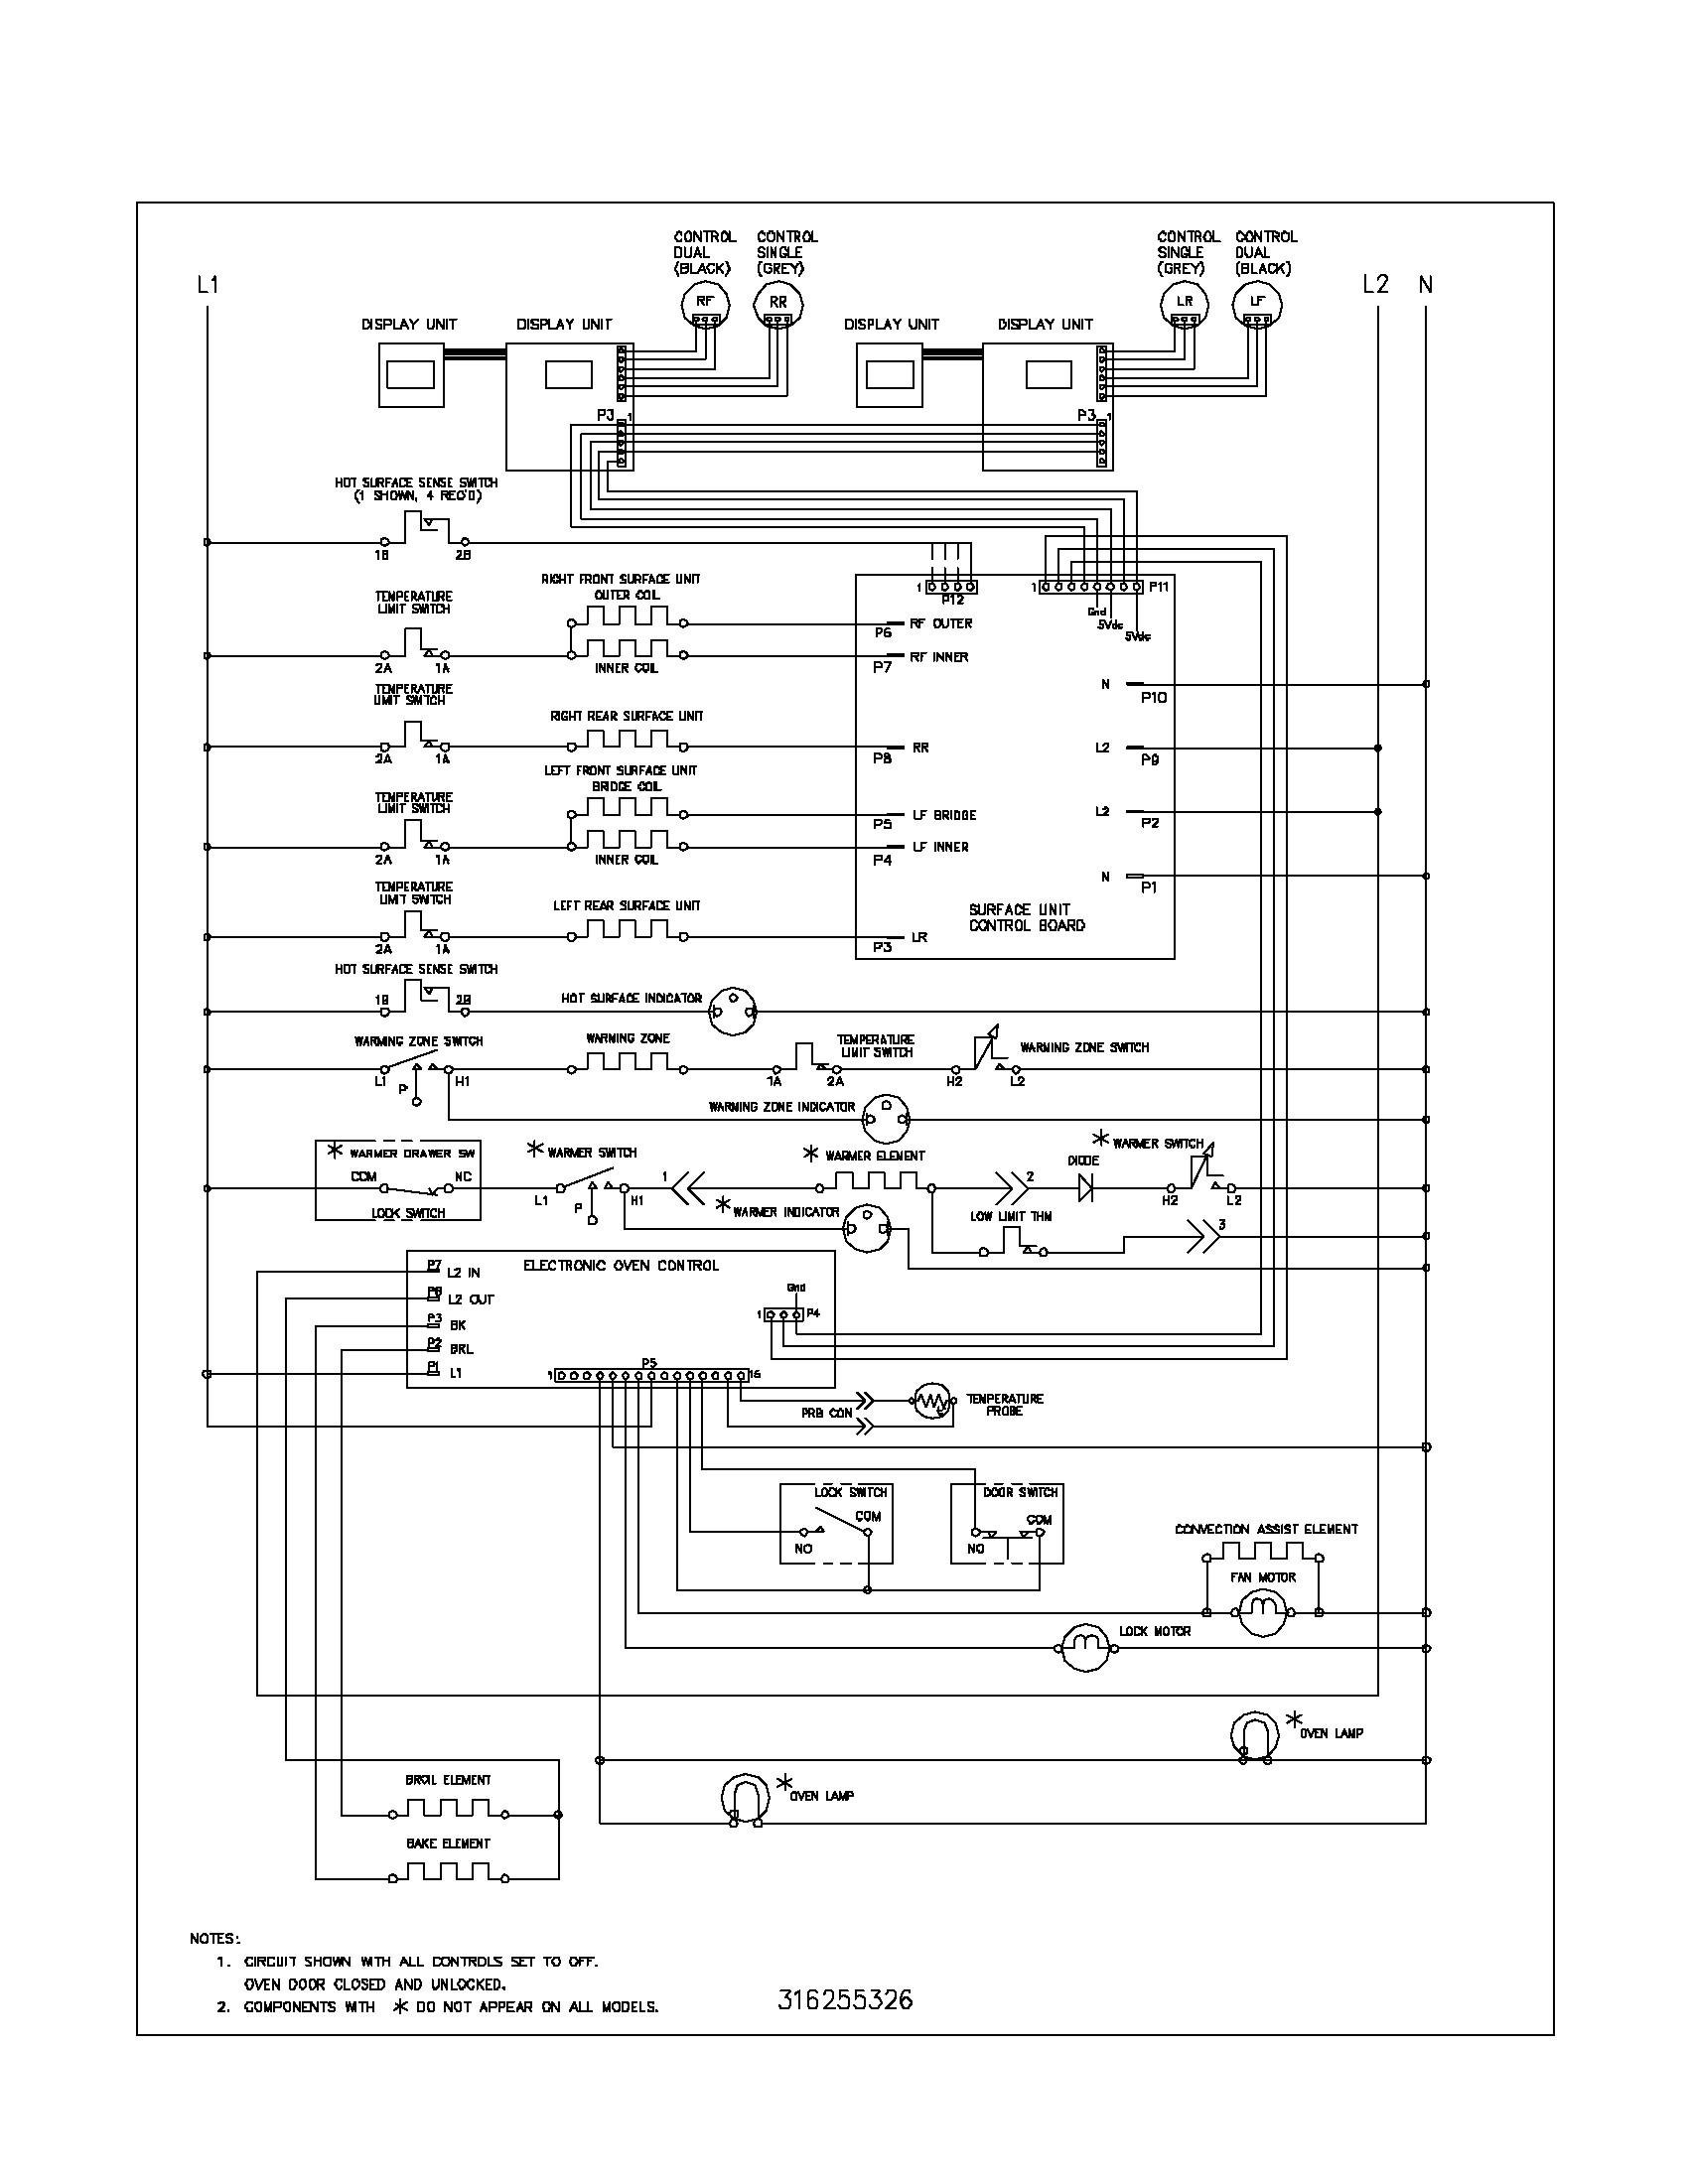 Remarkable Goodman Furnace Wiring Diagram Aruf486016 Wiring Diagram Wiring Cloud Vieworaidewilluminateatxorg